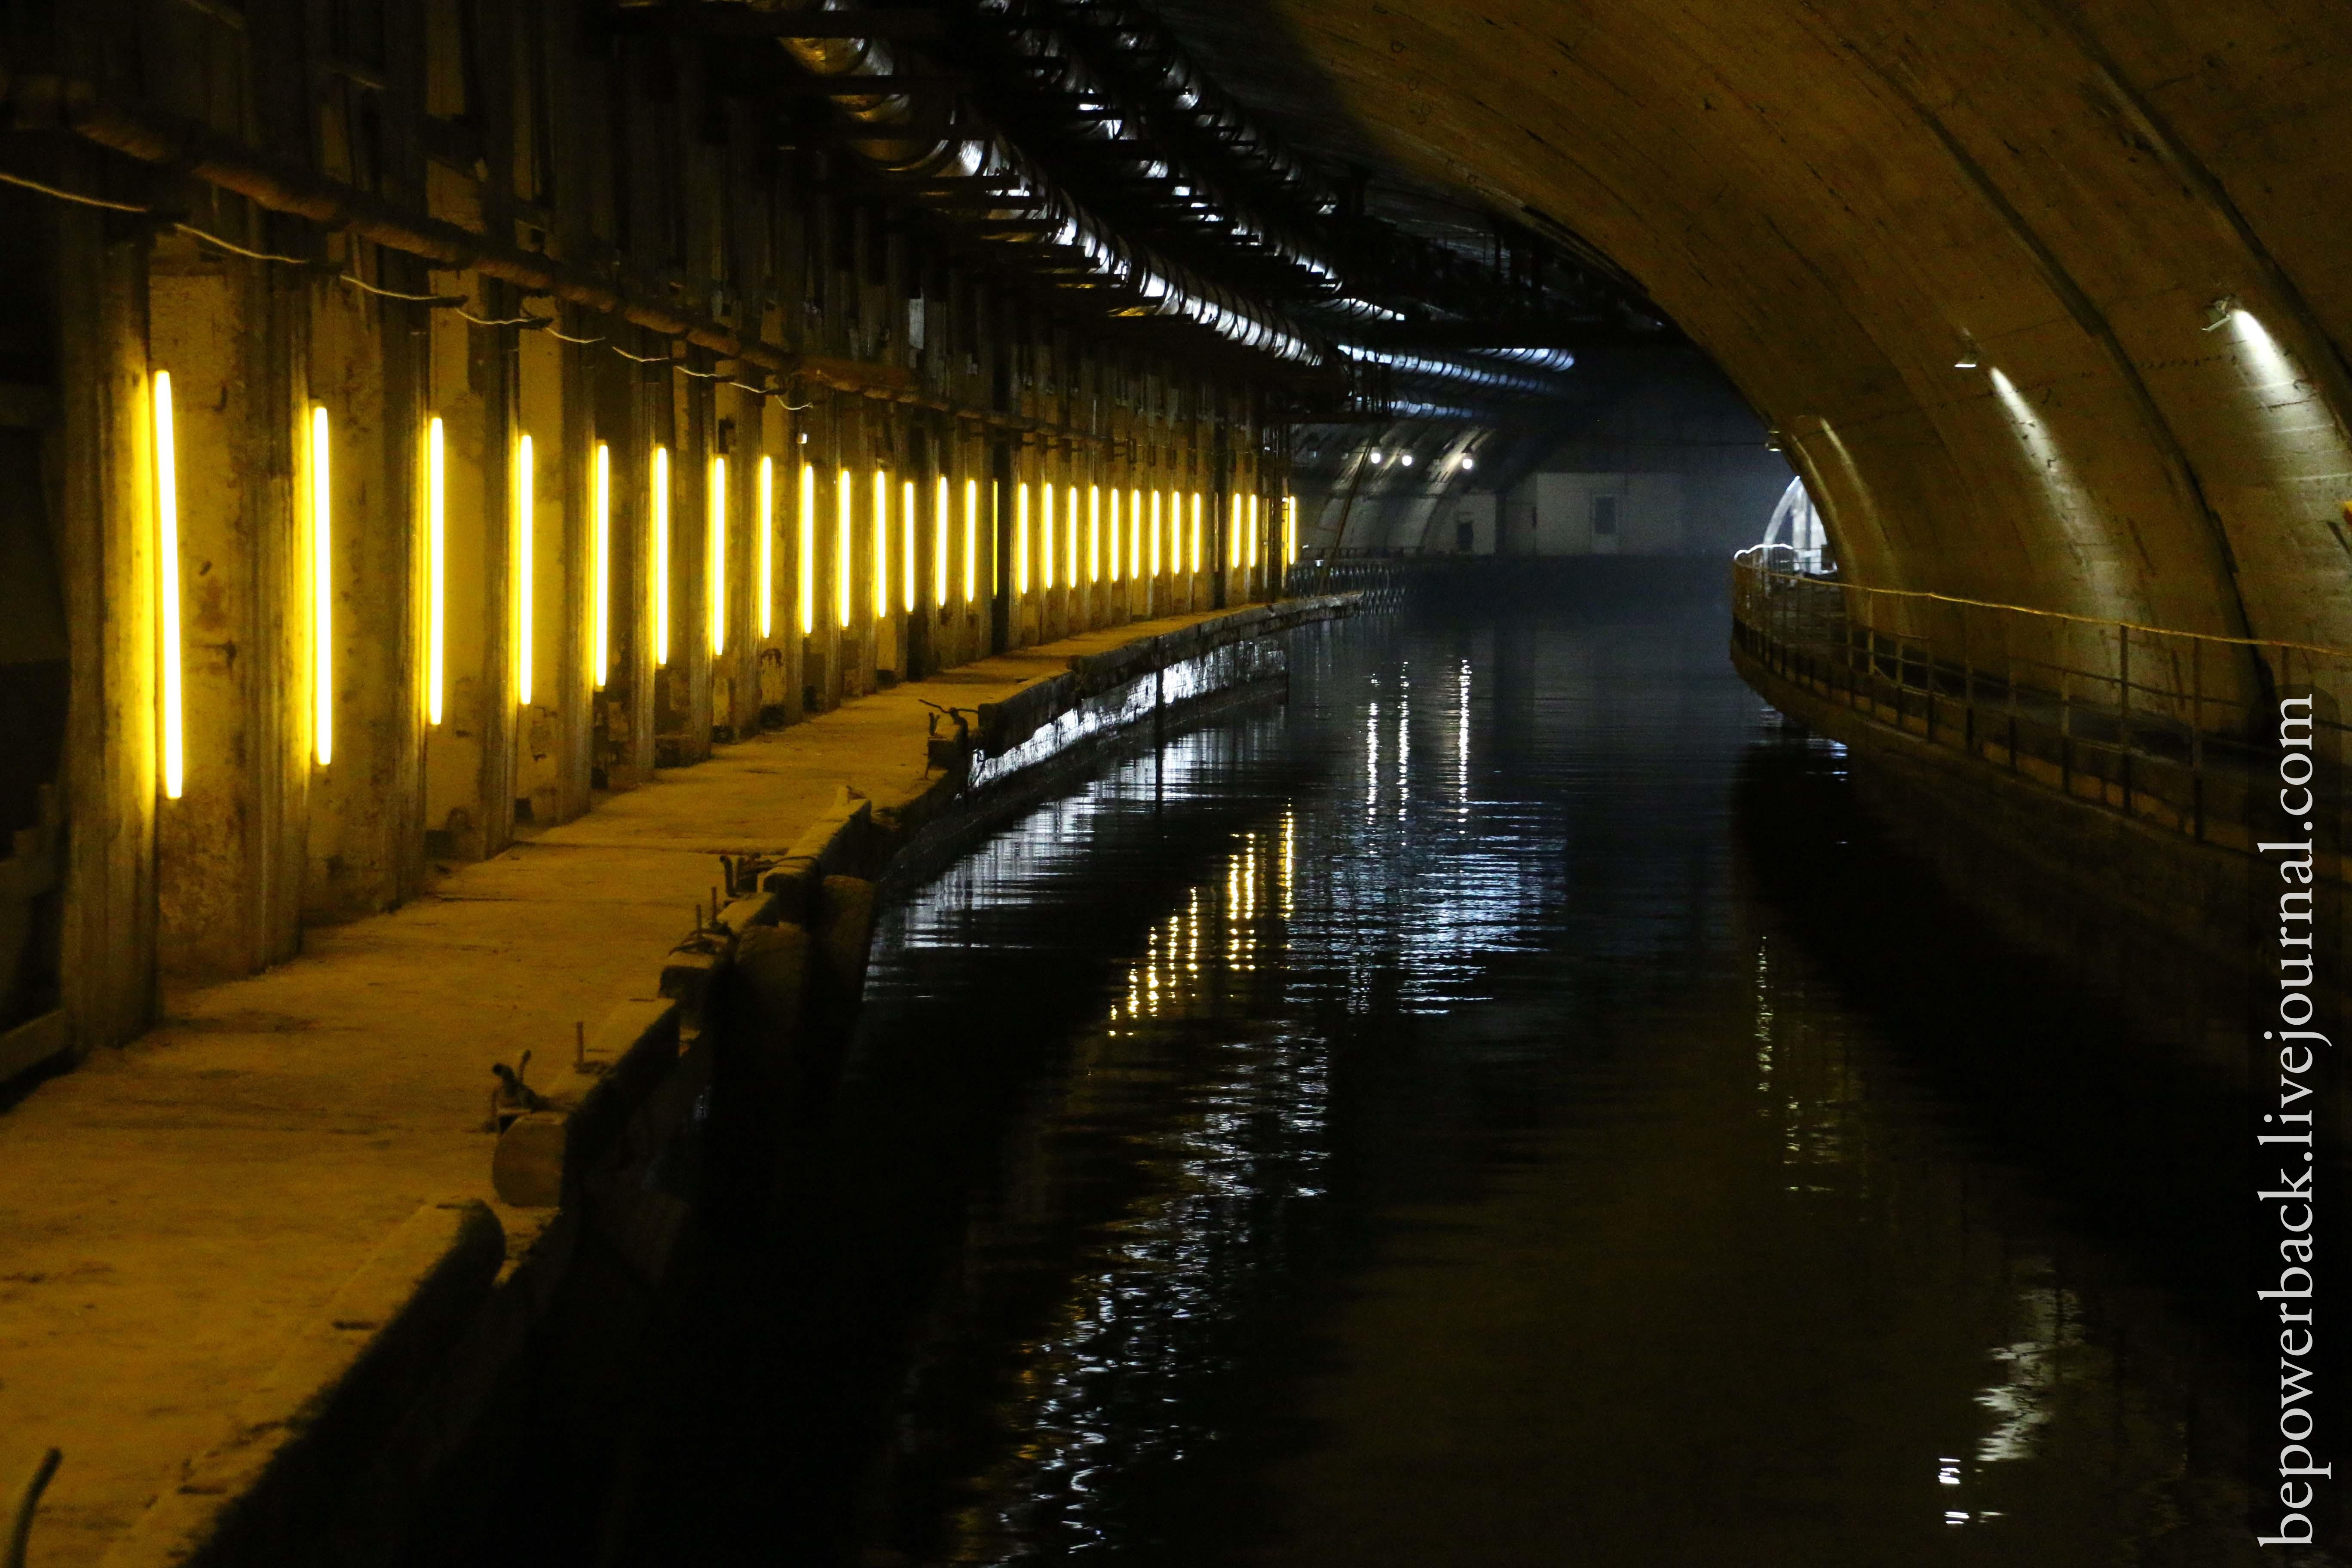 жители россии балаклава база подводных лодок фото скрывается